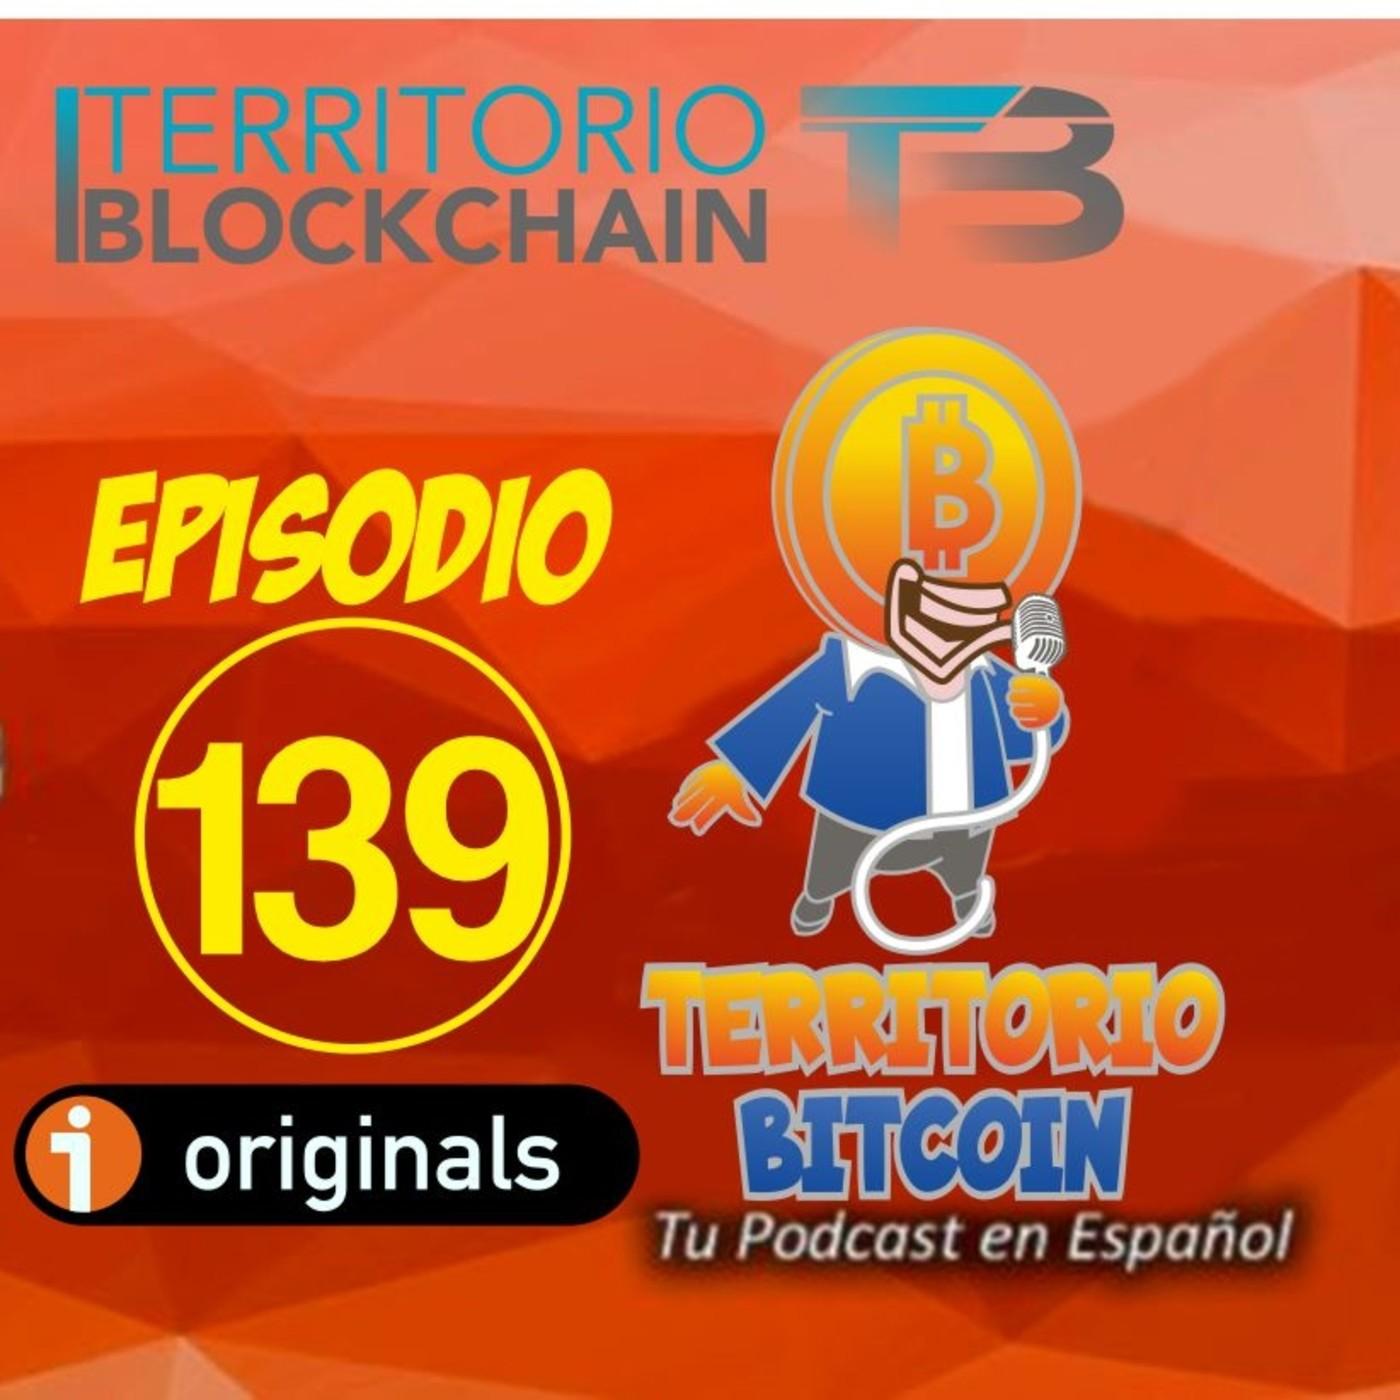 ¿Que es VELAS Blockchain? Entrevistamos al CM de Velas y repasamos las noticias sobre bitcoin y el mundo crypto